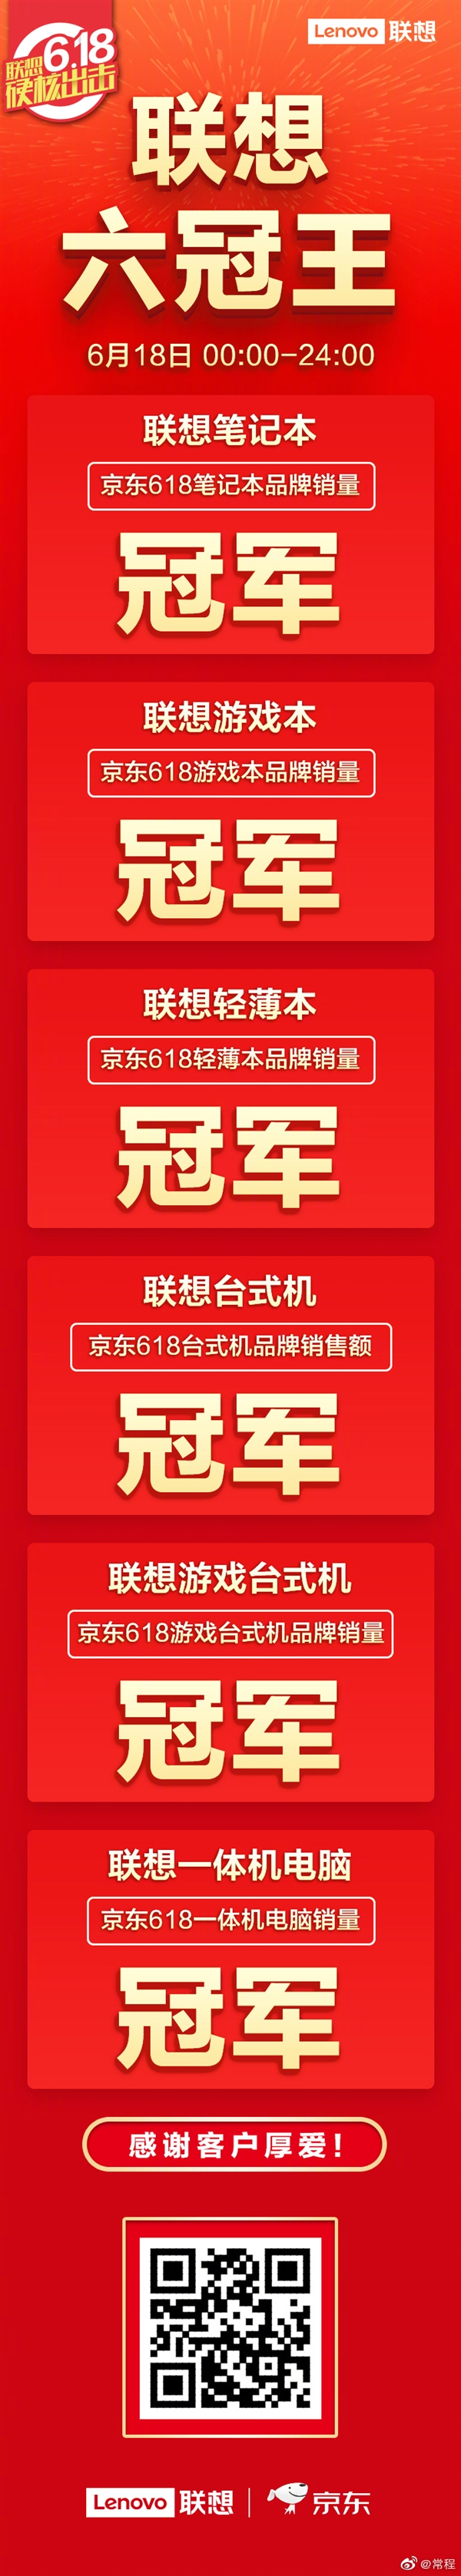 联想公布京东618战报:电脑品类拿下6冠王